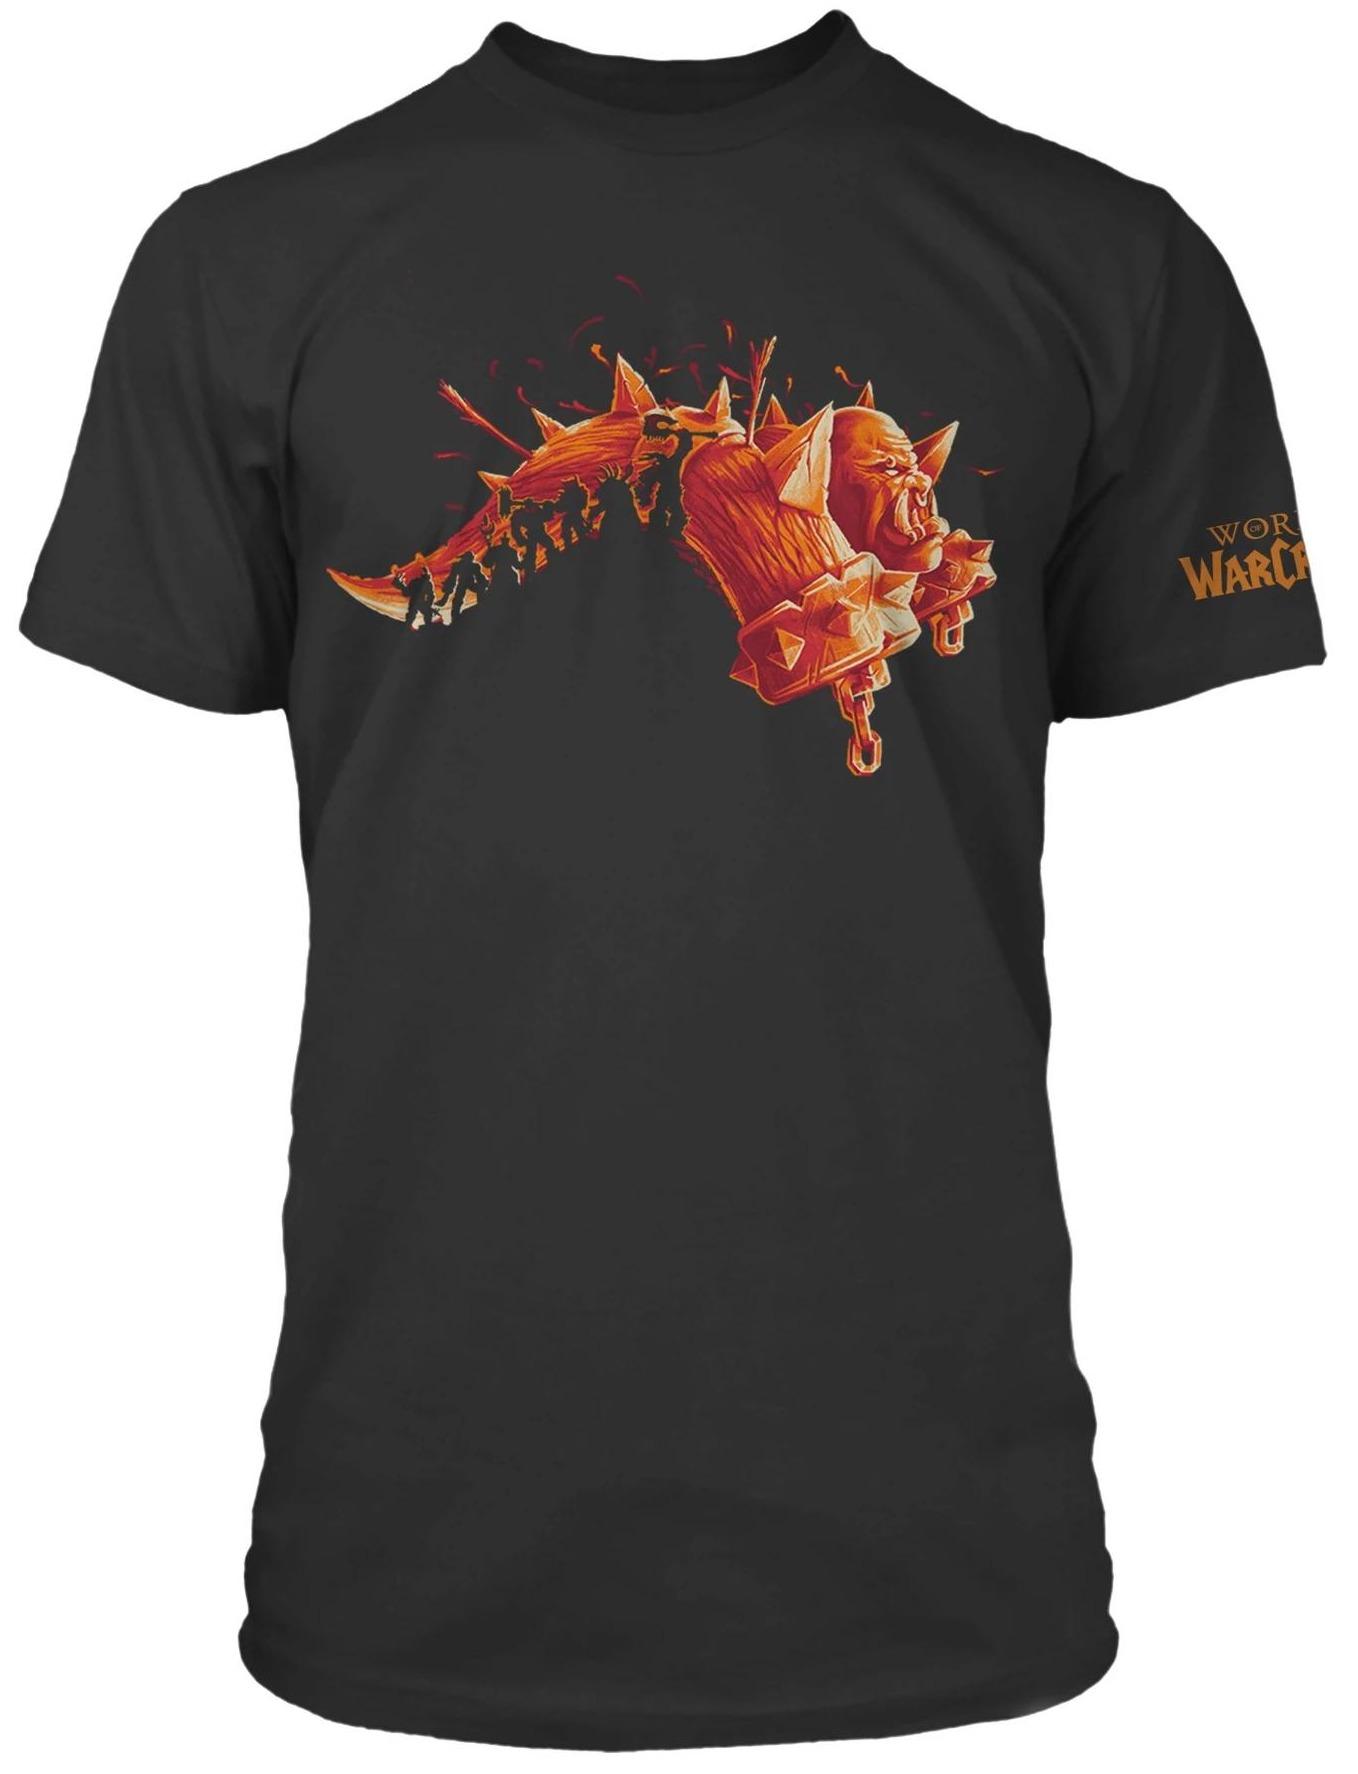 Tričko World of Warcraft - Expansion Series Warlords of Draenor (americká vel. XL / evropská XXL) (PC)